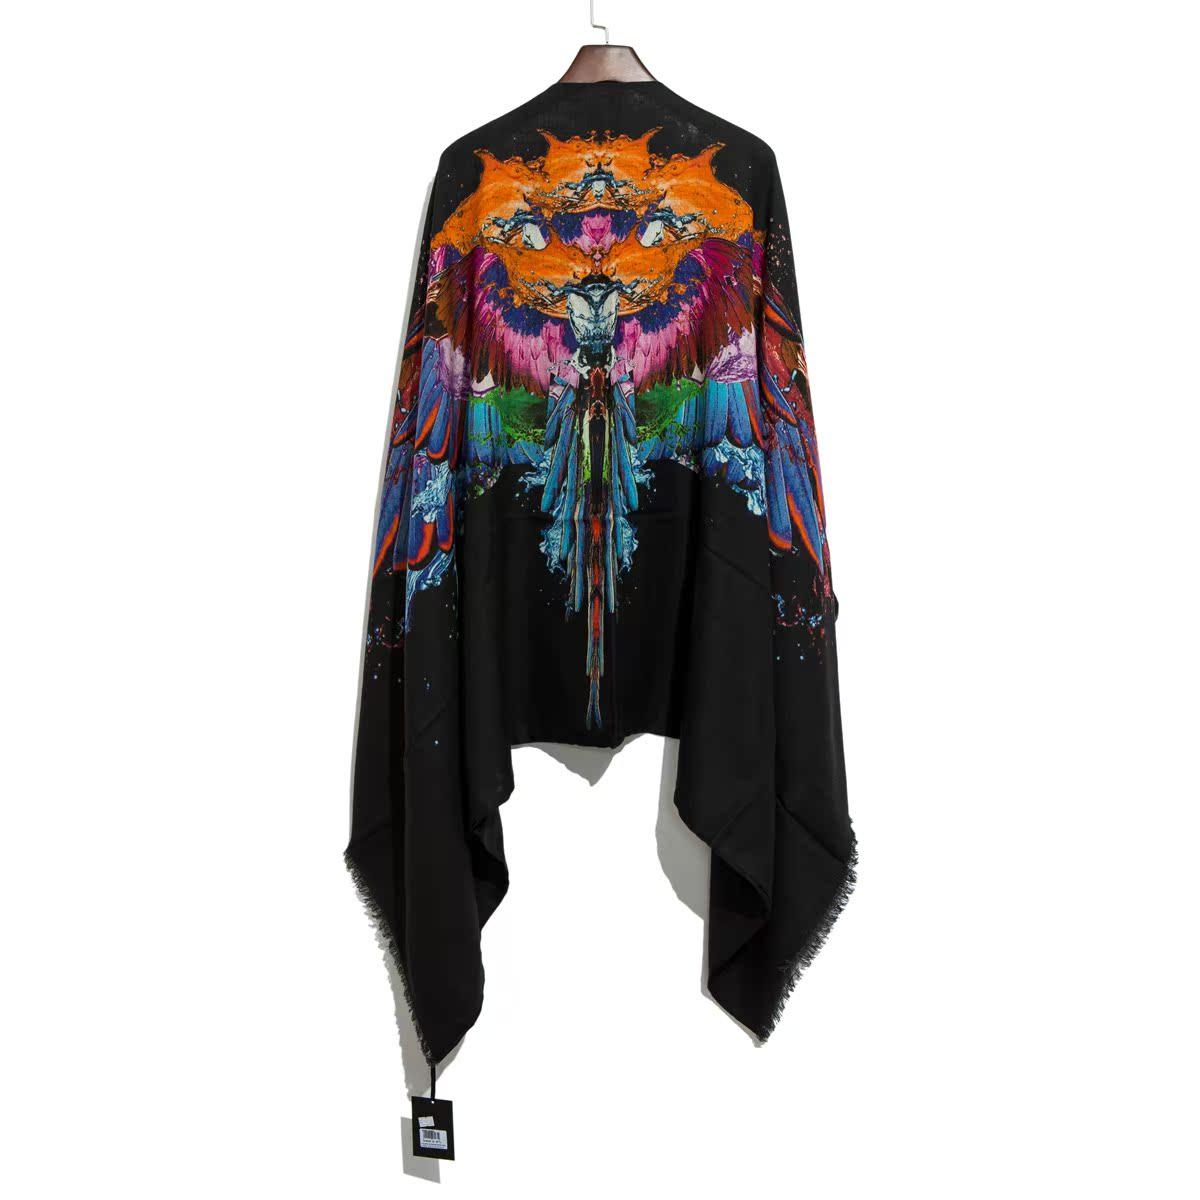 【Date19 тенденция 】мегабайт цвет падения крыло шерсть шаль шарф